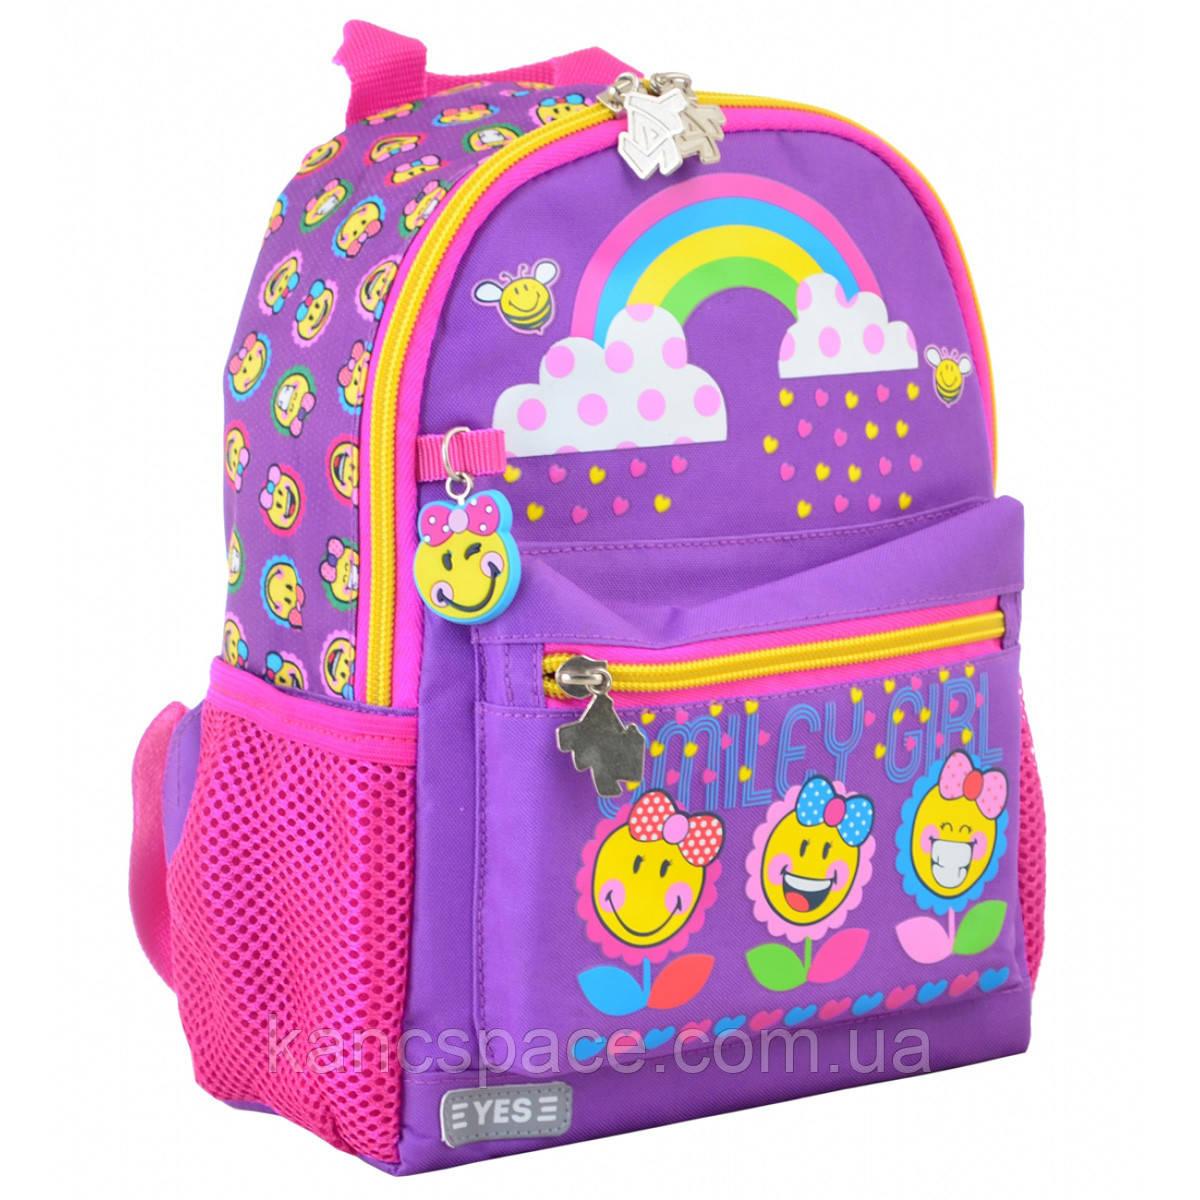 Рюкзак дитячий K-16 Smile, 22.5*18.5*9.5